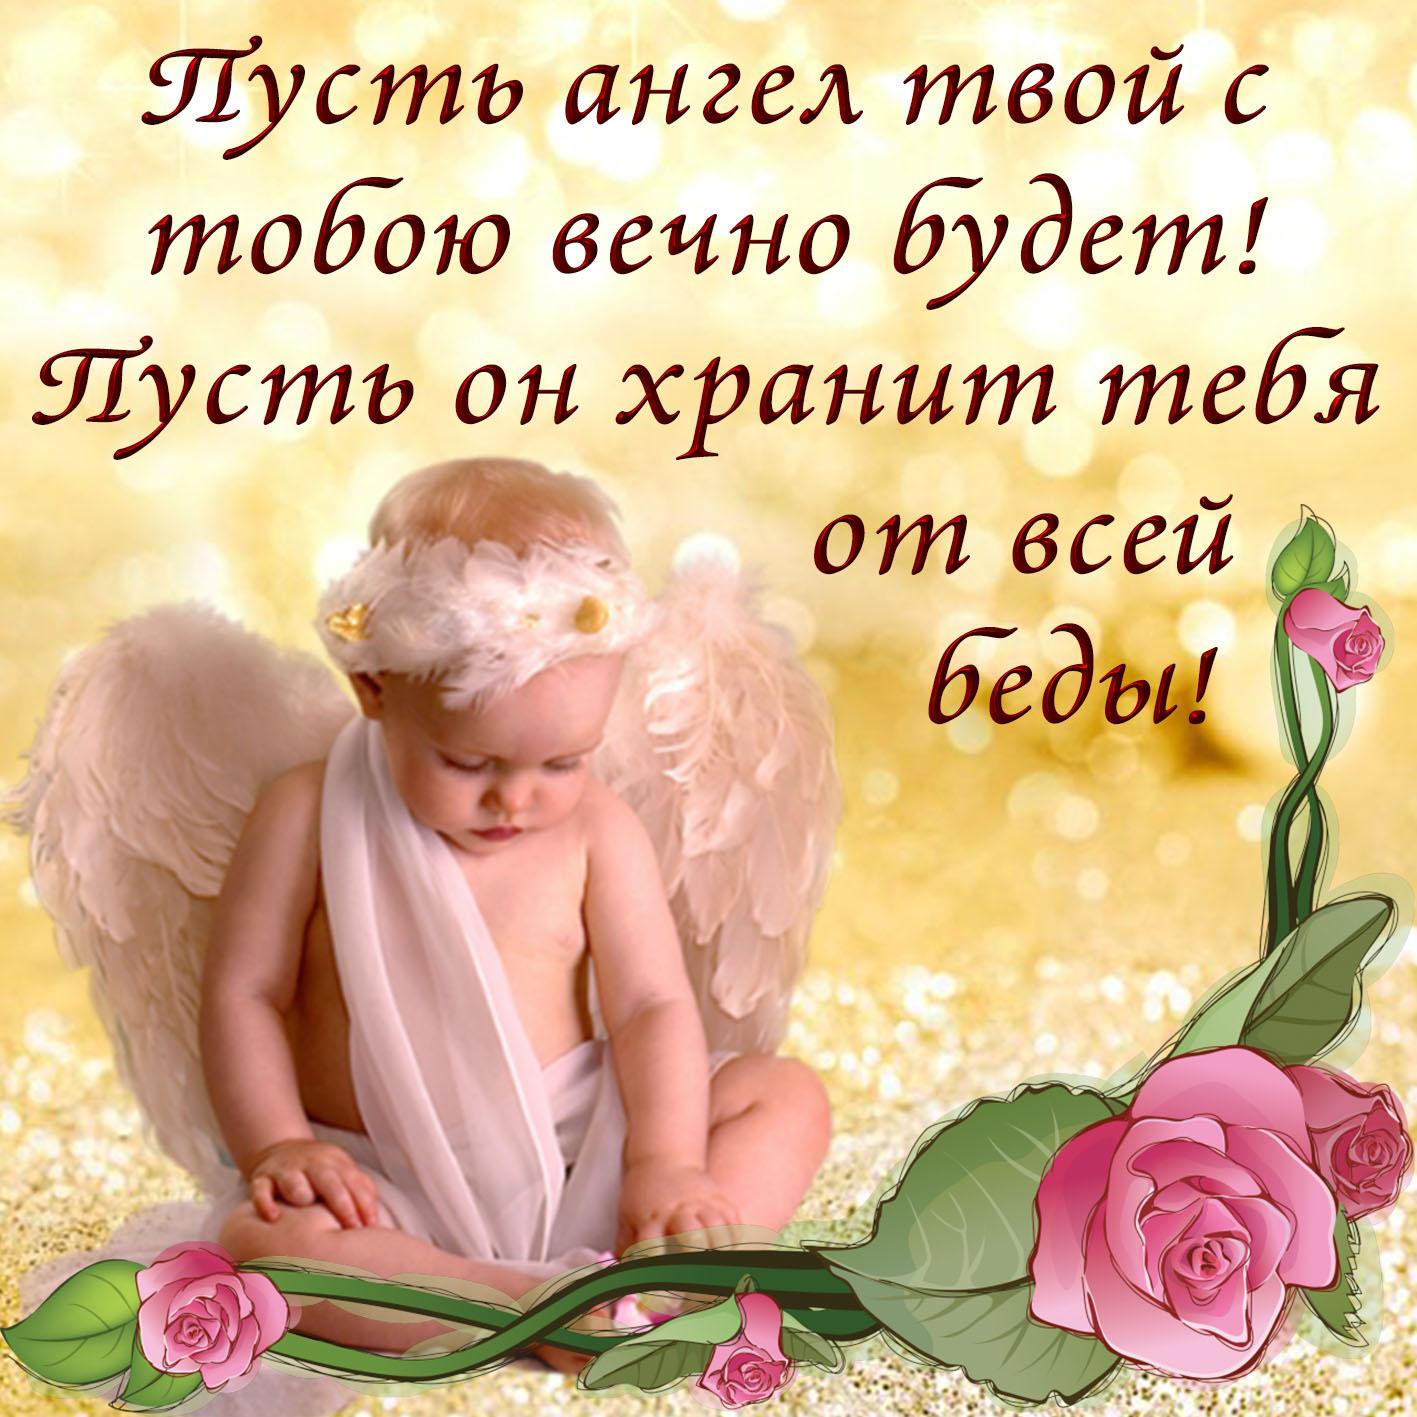 Стихи пусть ангел хранитель тебя бережет